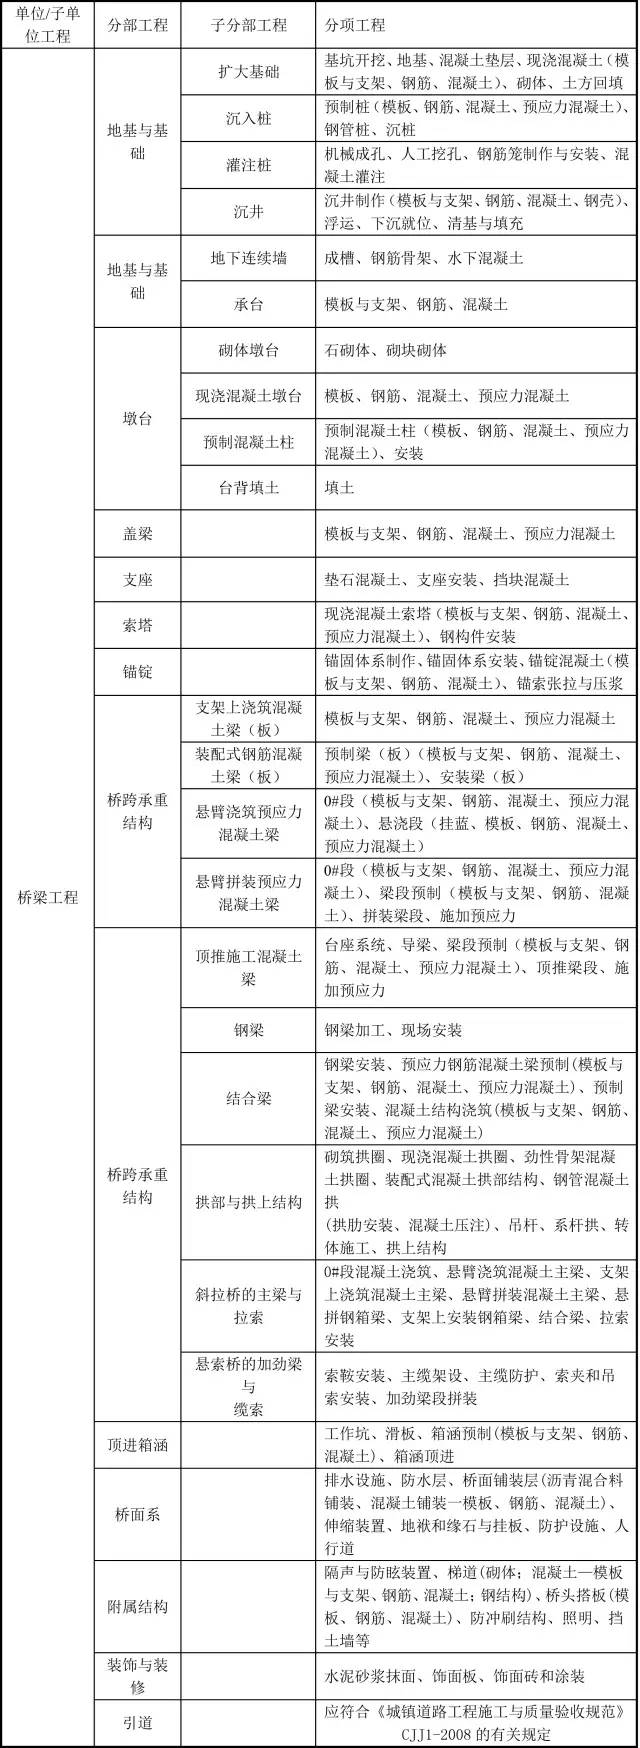 市政工程分部分项划分,史上最详细!_4